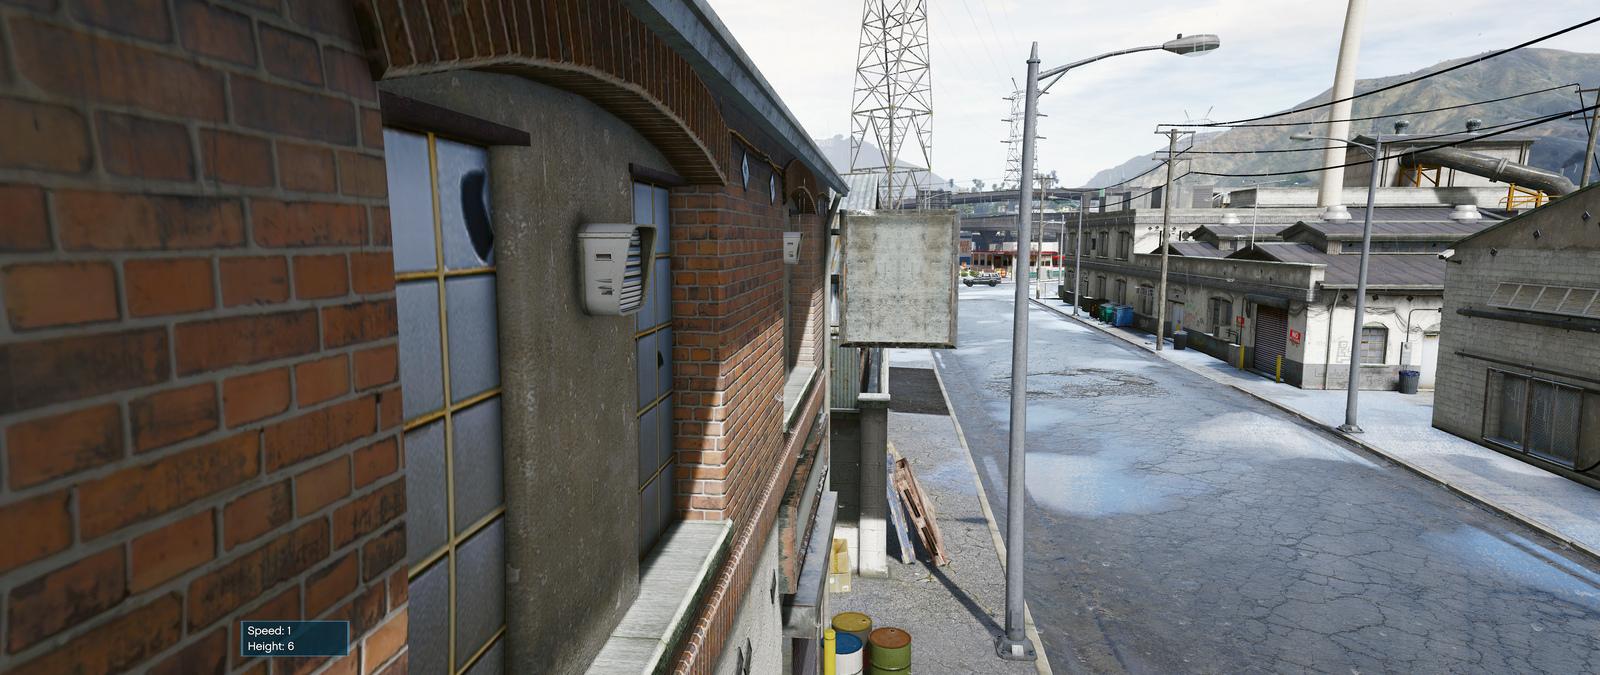 GTA V ENB Looks Stunning - Gaming Central